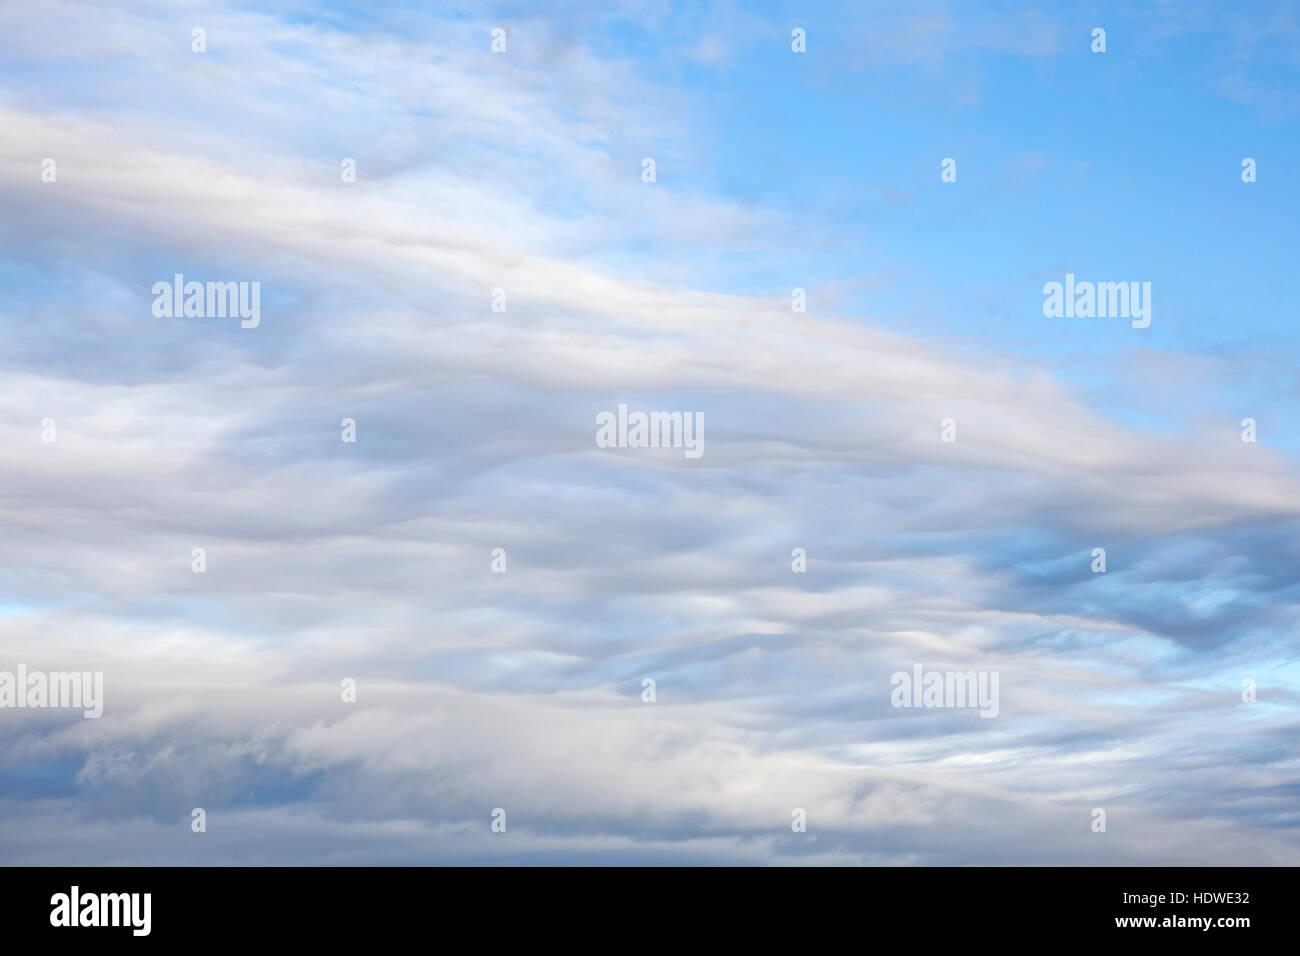 La formation de nuages stratocumulus inhabituelle. Banque D'Images